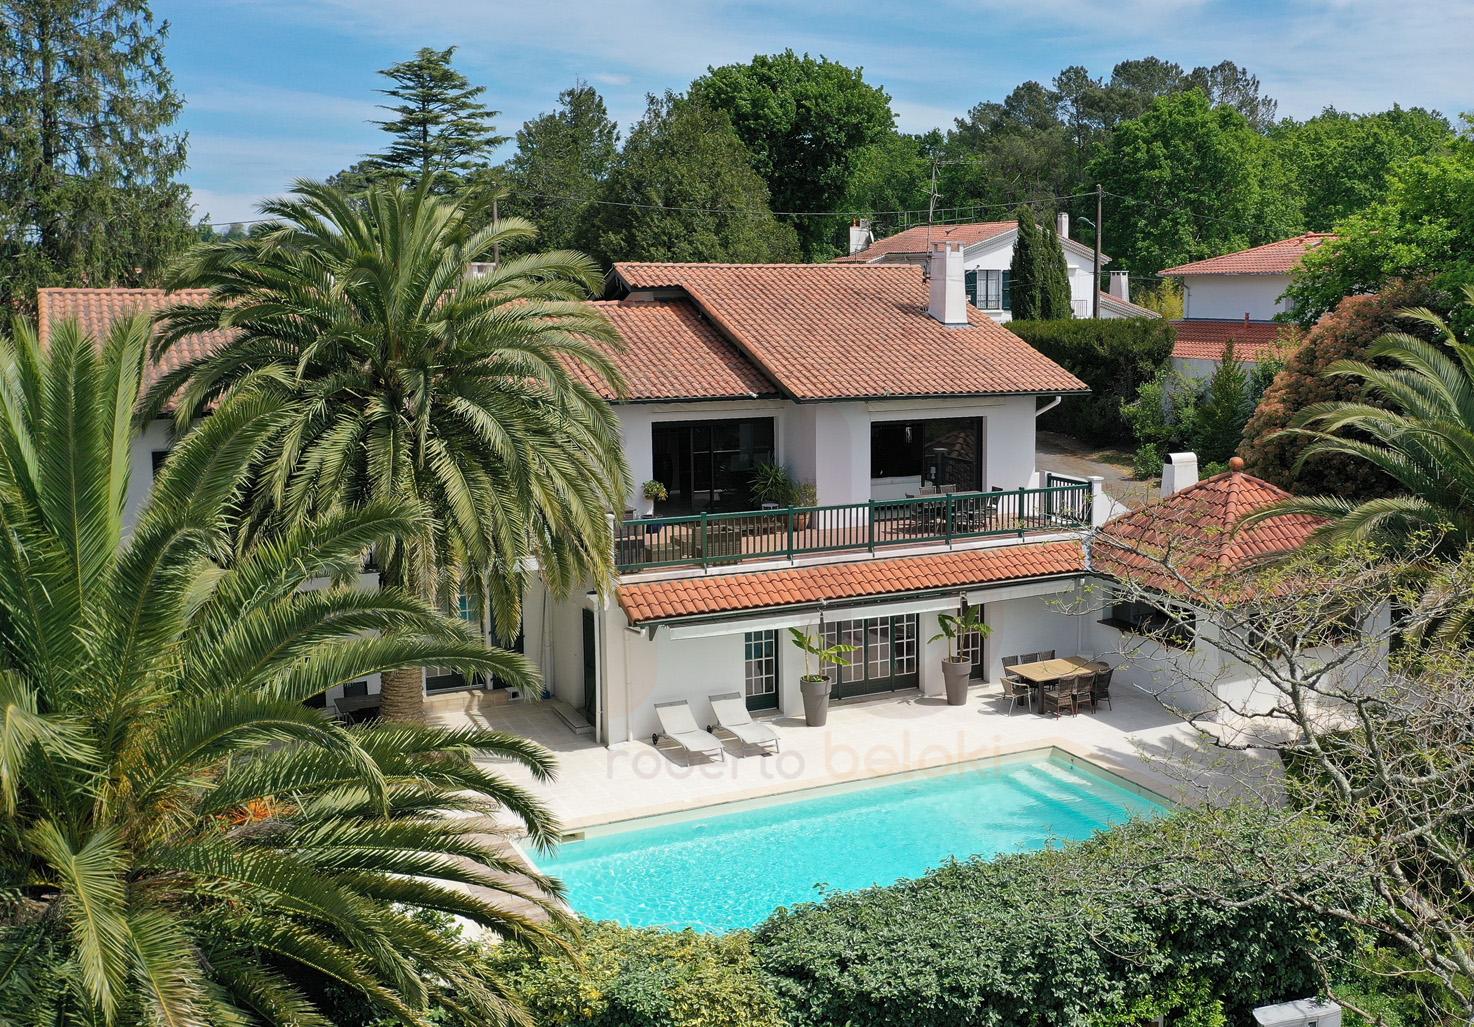 Maison à vendre à Saint Jean de Luz, FC1108